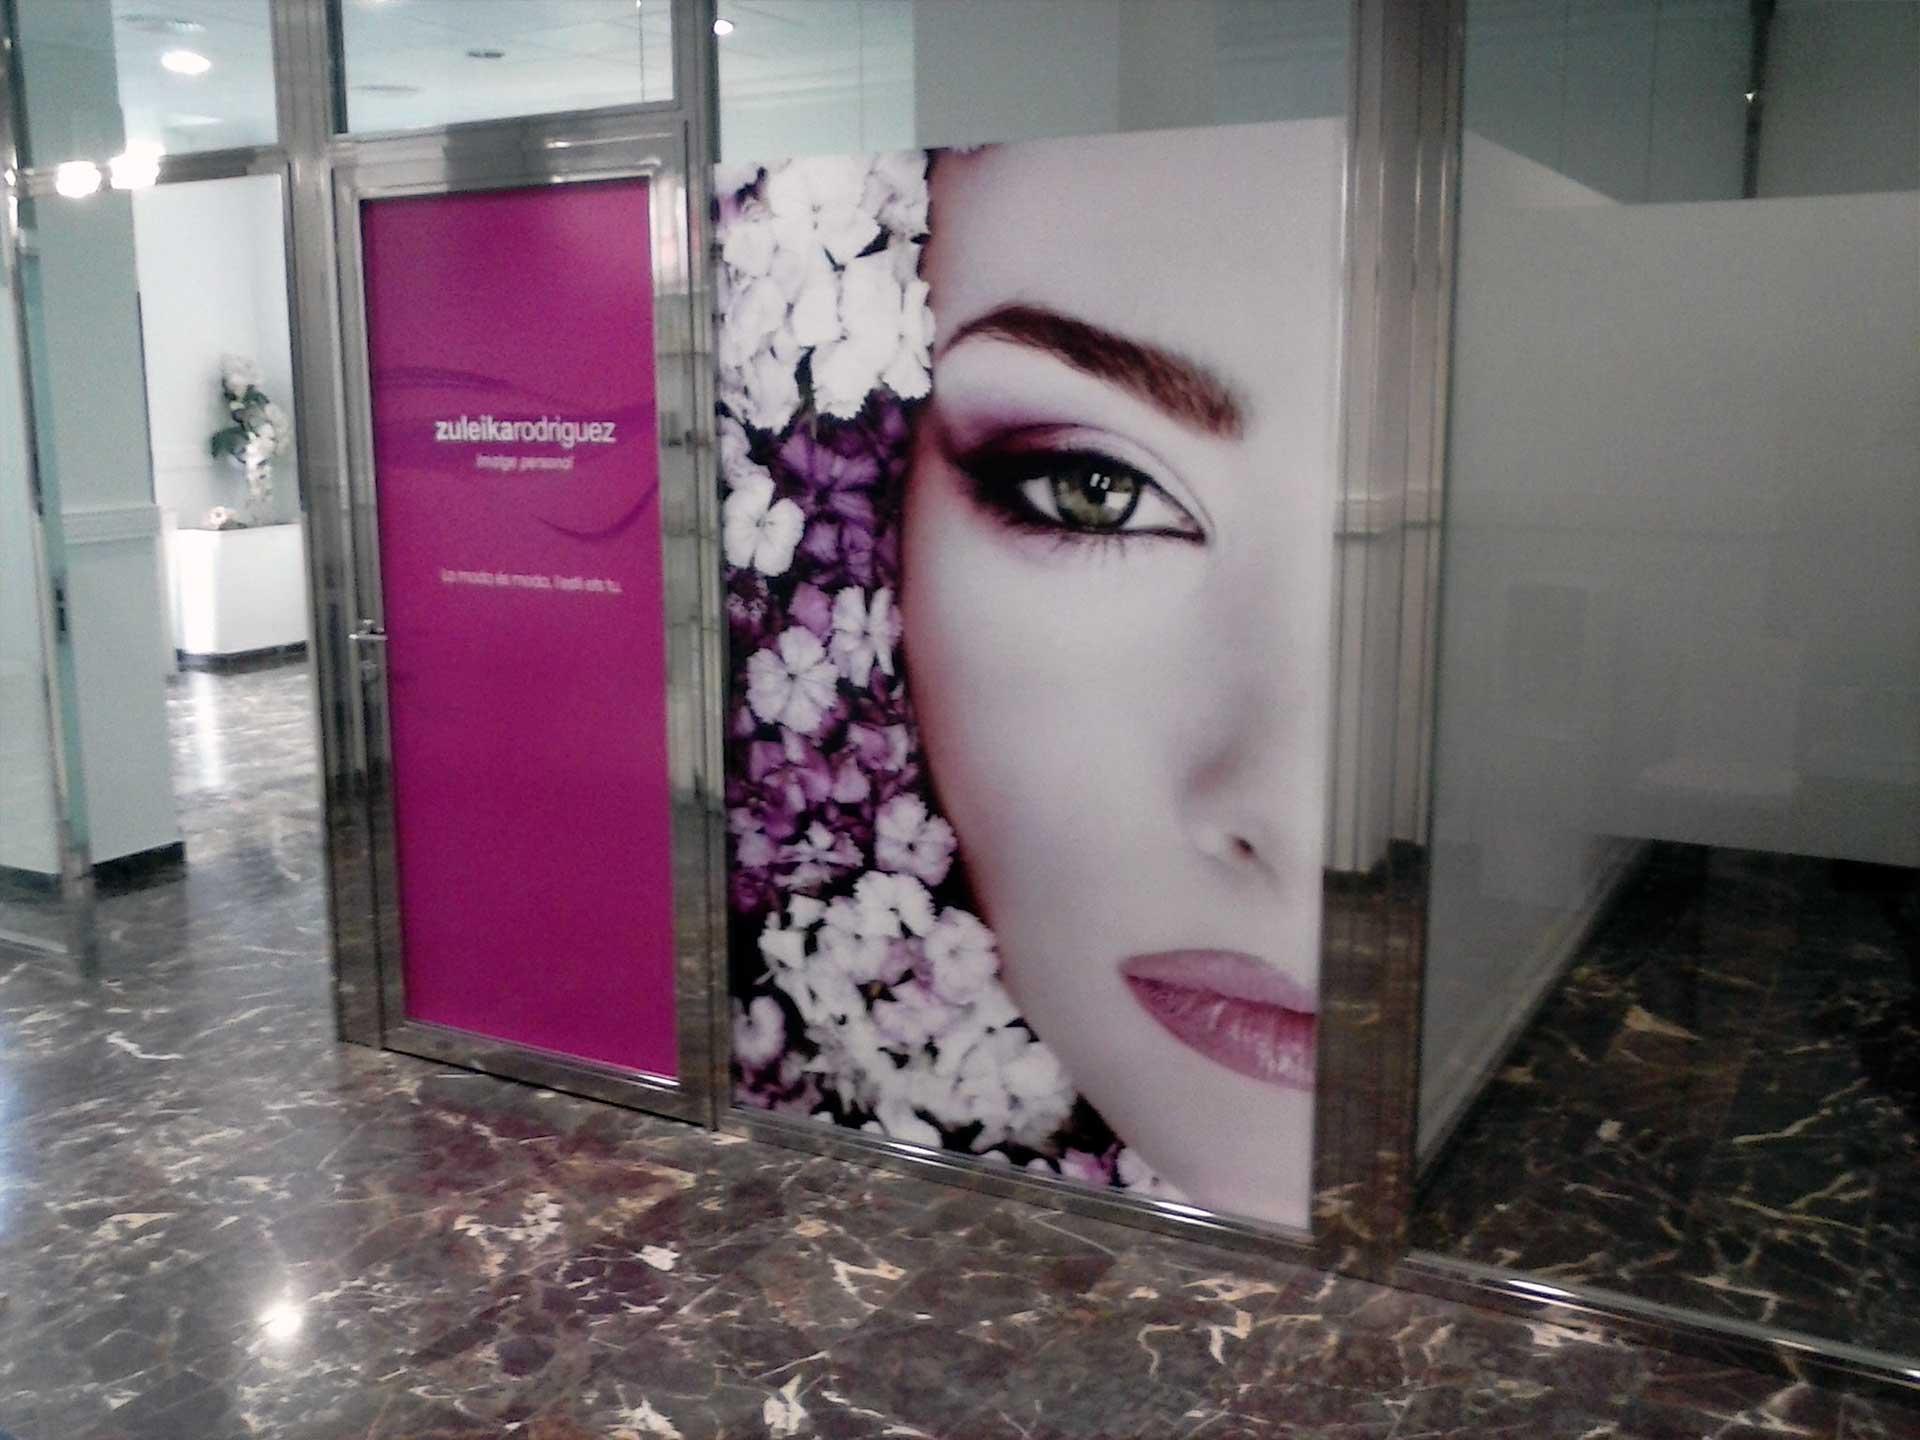 roide , vinilo , cristal , decoracion , calidad , publicidad en cristal , láminas adhesivas , ventanas , decorativo , pegatinas